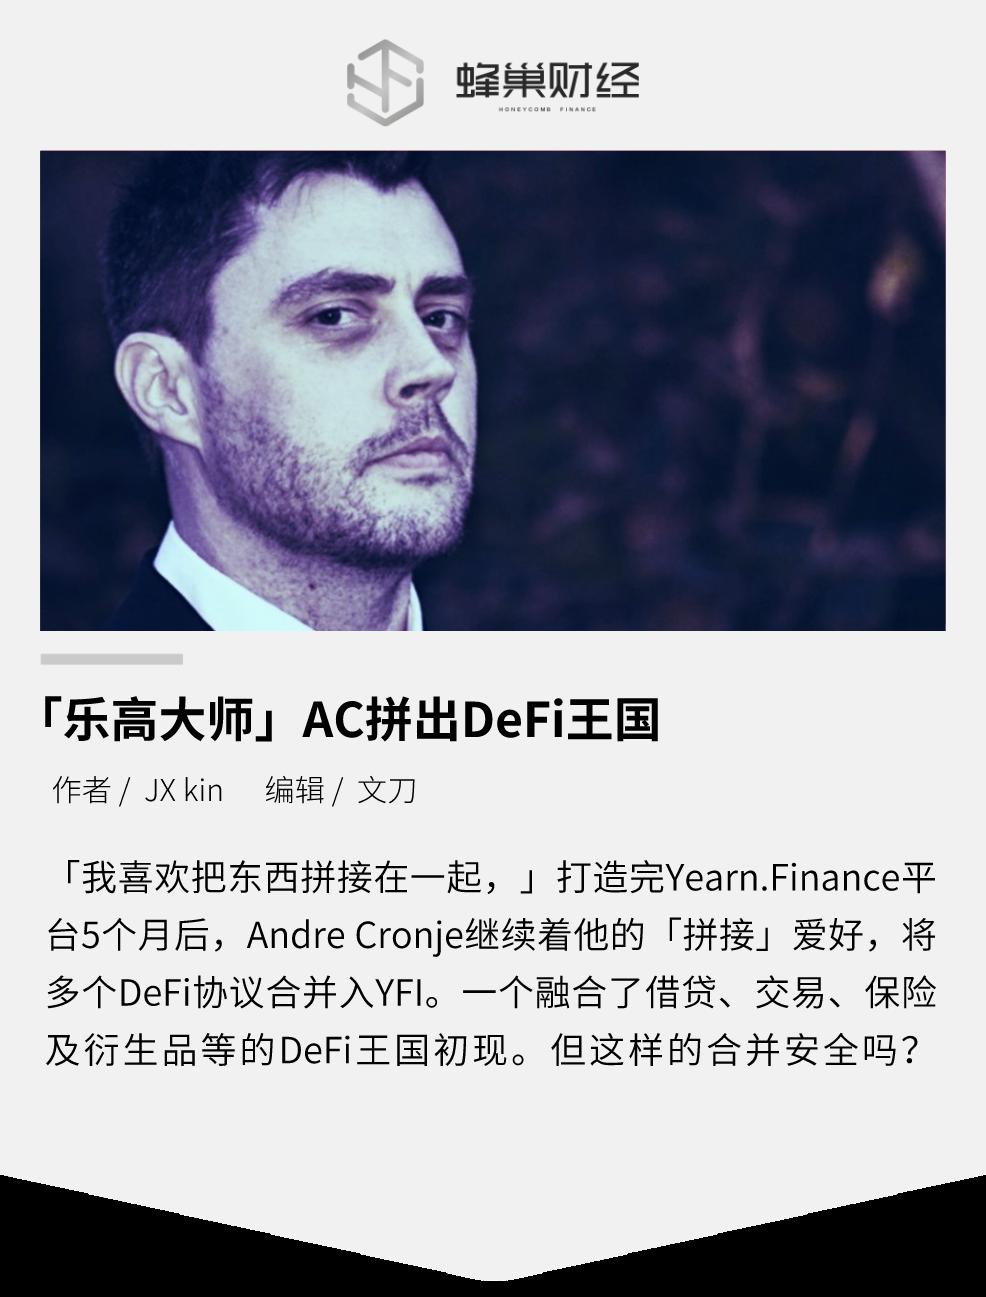 「乐高大师」AC拼出DeFi王国